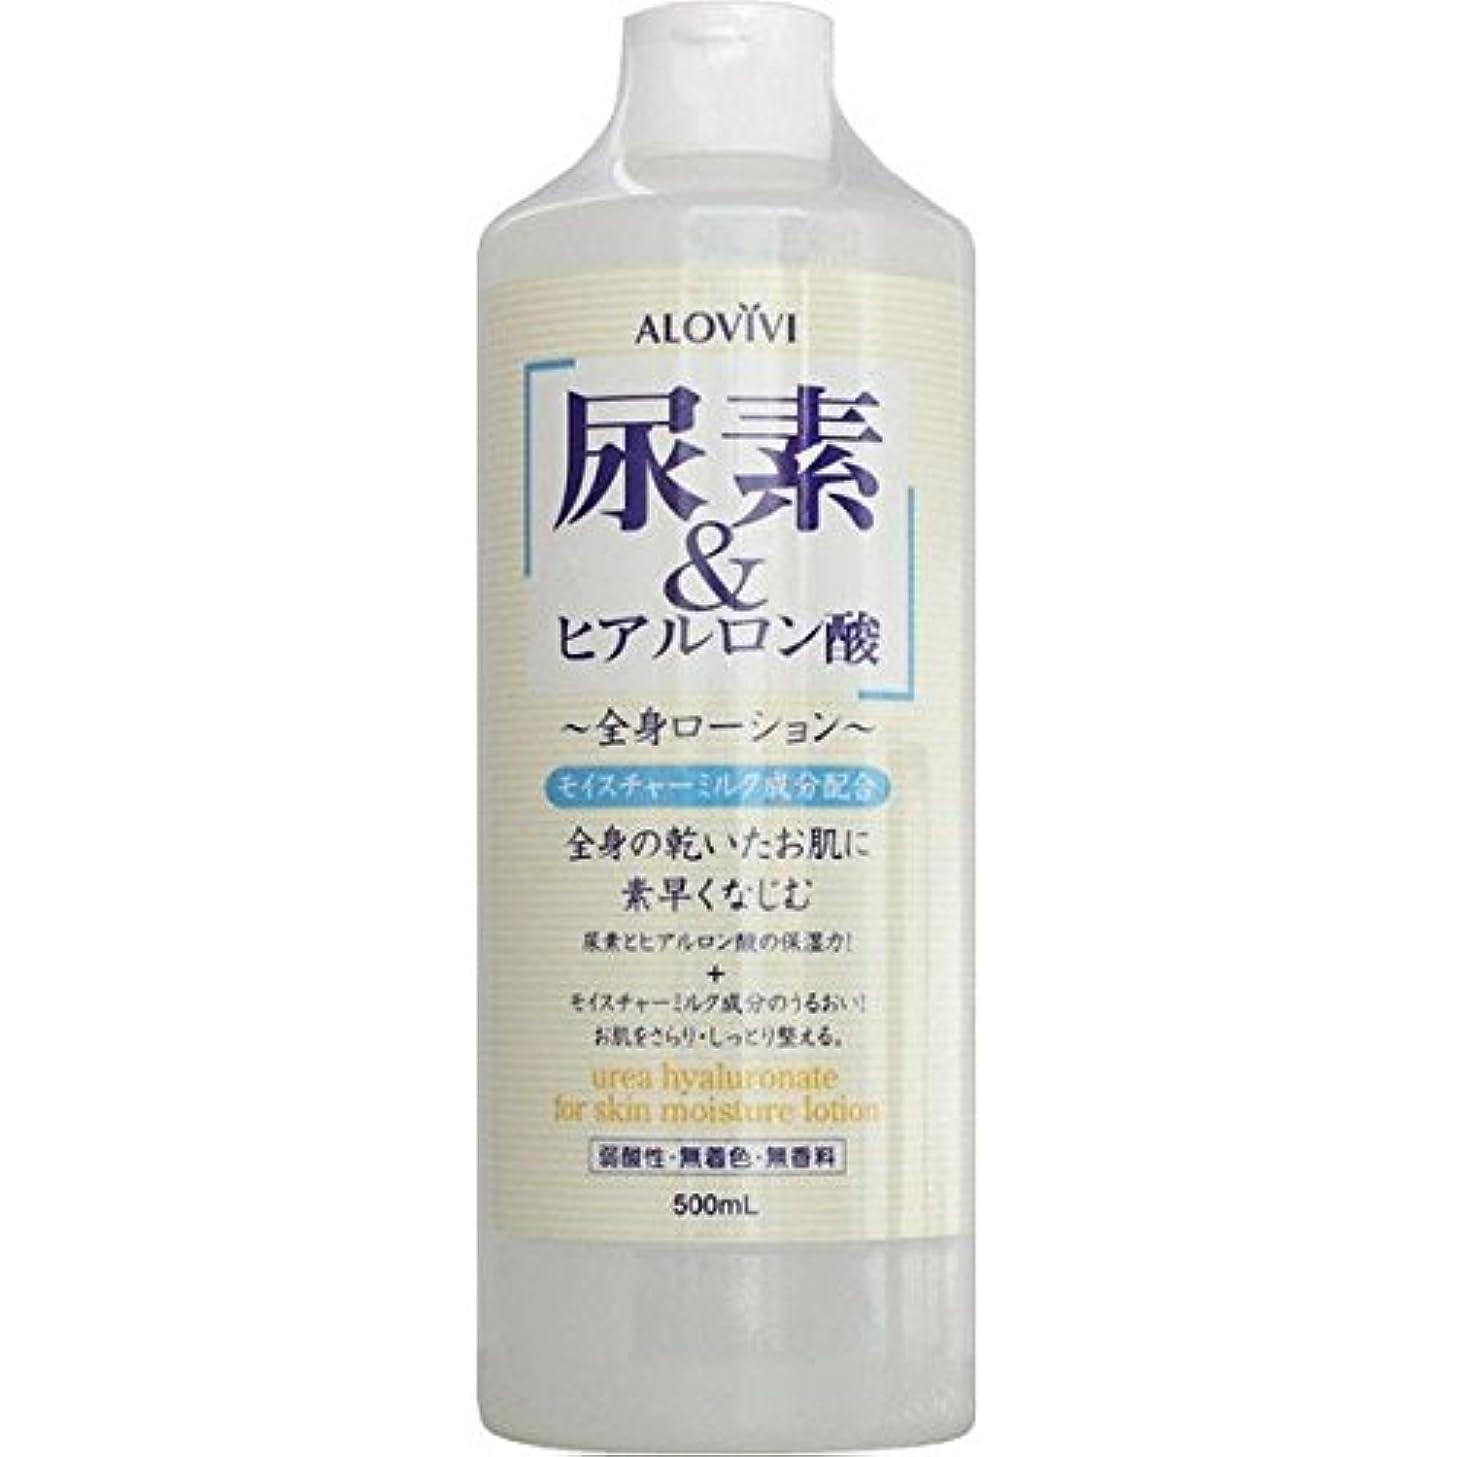 アロヴィヴィ ALOVIVI 尿素&ヒアルロン酸全身ローション 500ml